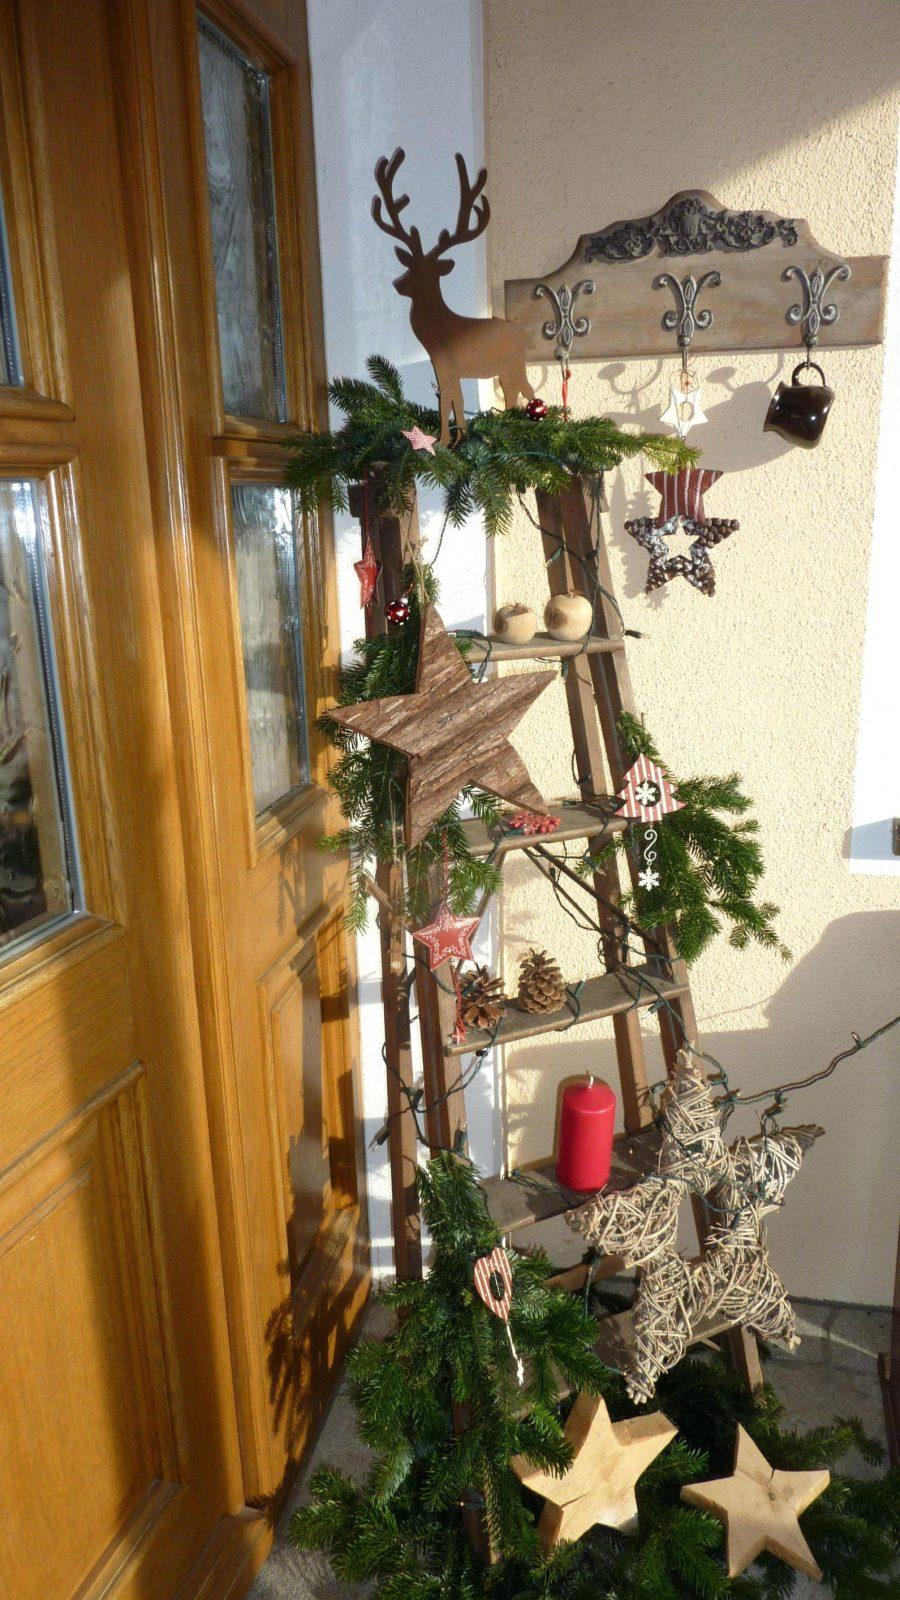 Herrlich Weihnachtsdeko Ideen Für Draußen Aussen Skandinavische von Weihnachtsdeko Aussen Selber Basteln Photo